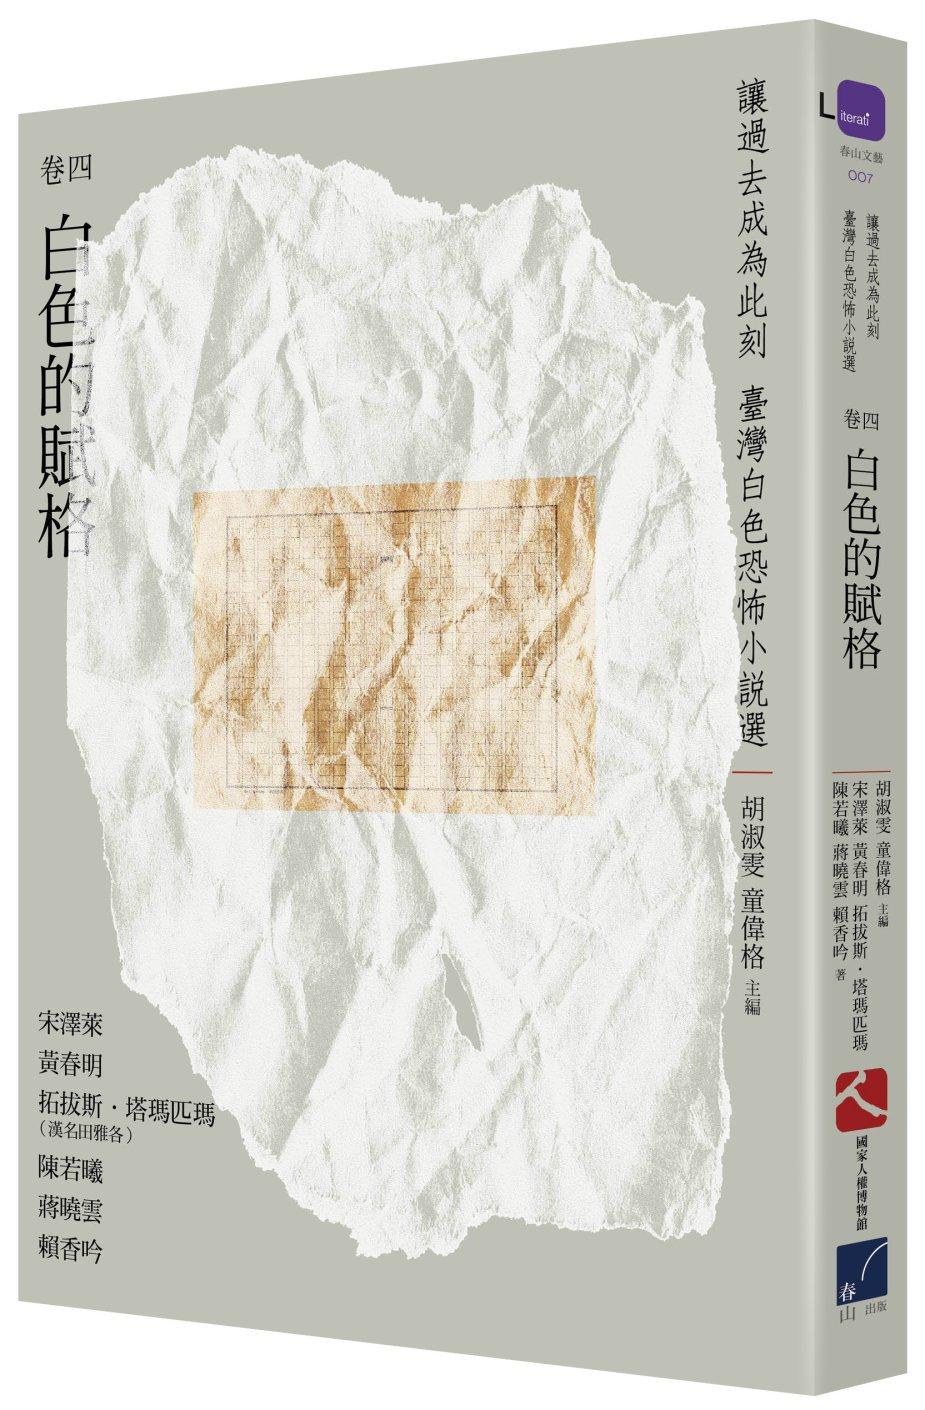 讓過去成為此刻:臺灣白色恐怖小說選 卷四白色的賦格